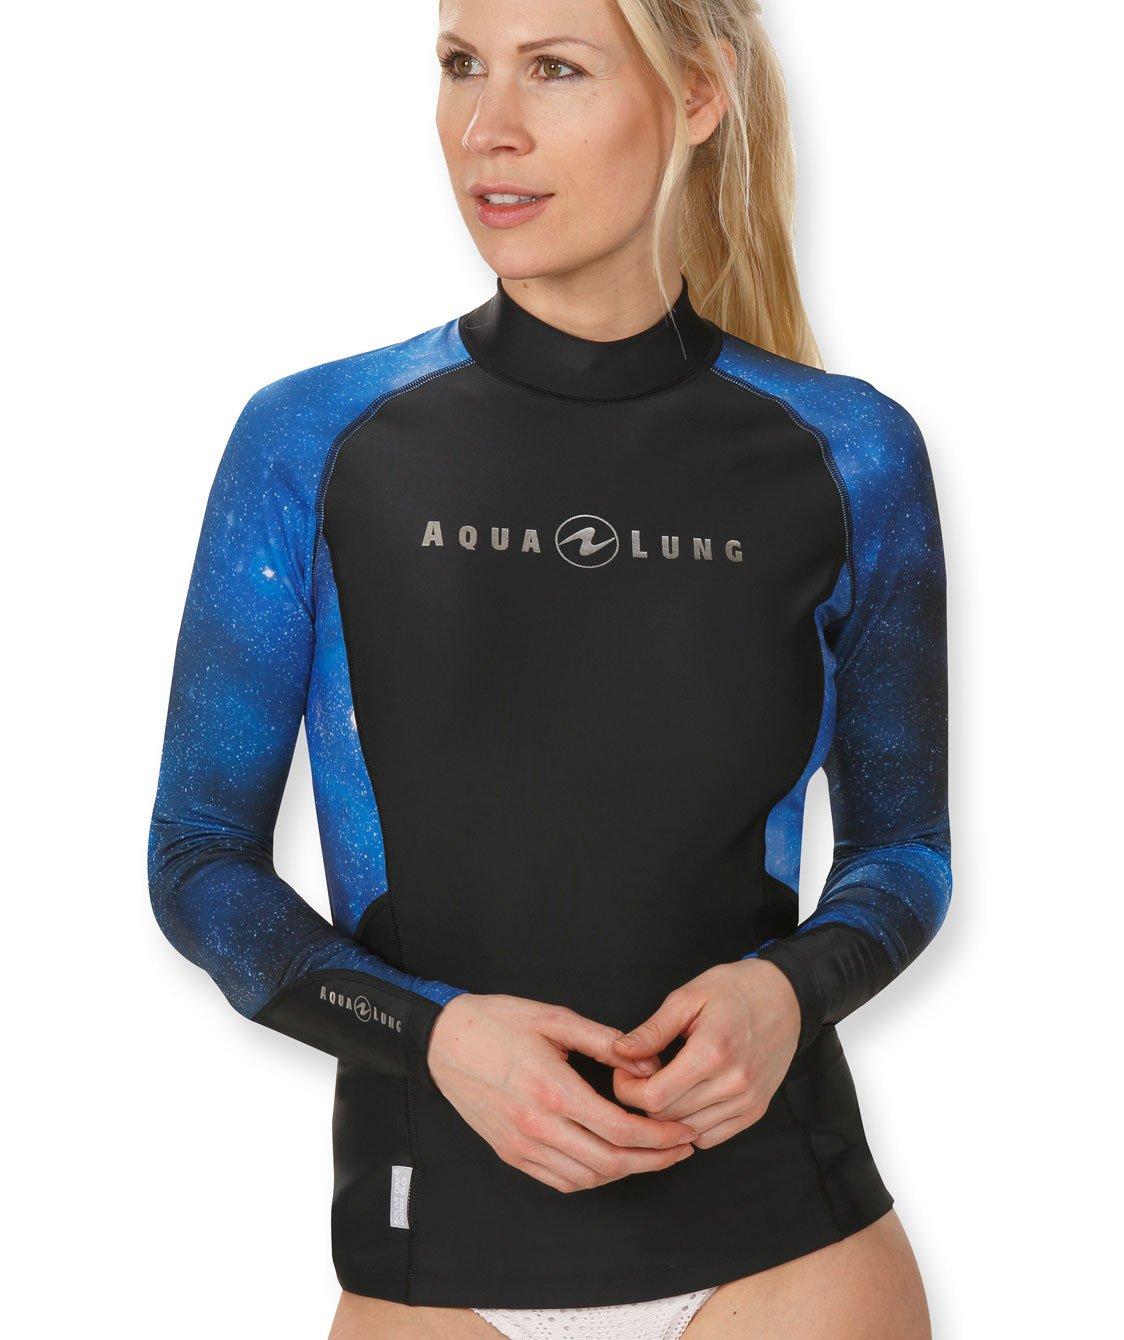 Aqua Lung Women's Long Sleeve Galaxy Rashguard, Blue Camo - MD by Aqua Lung